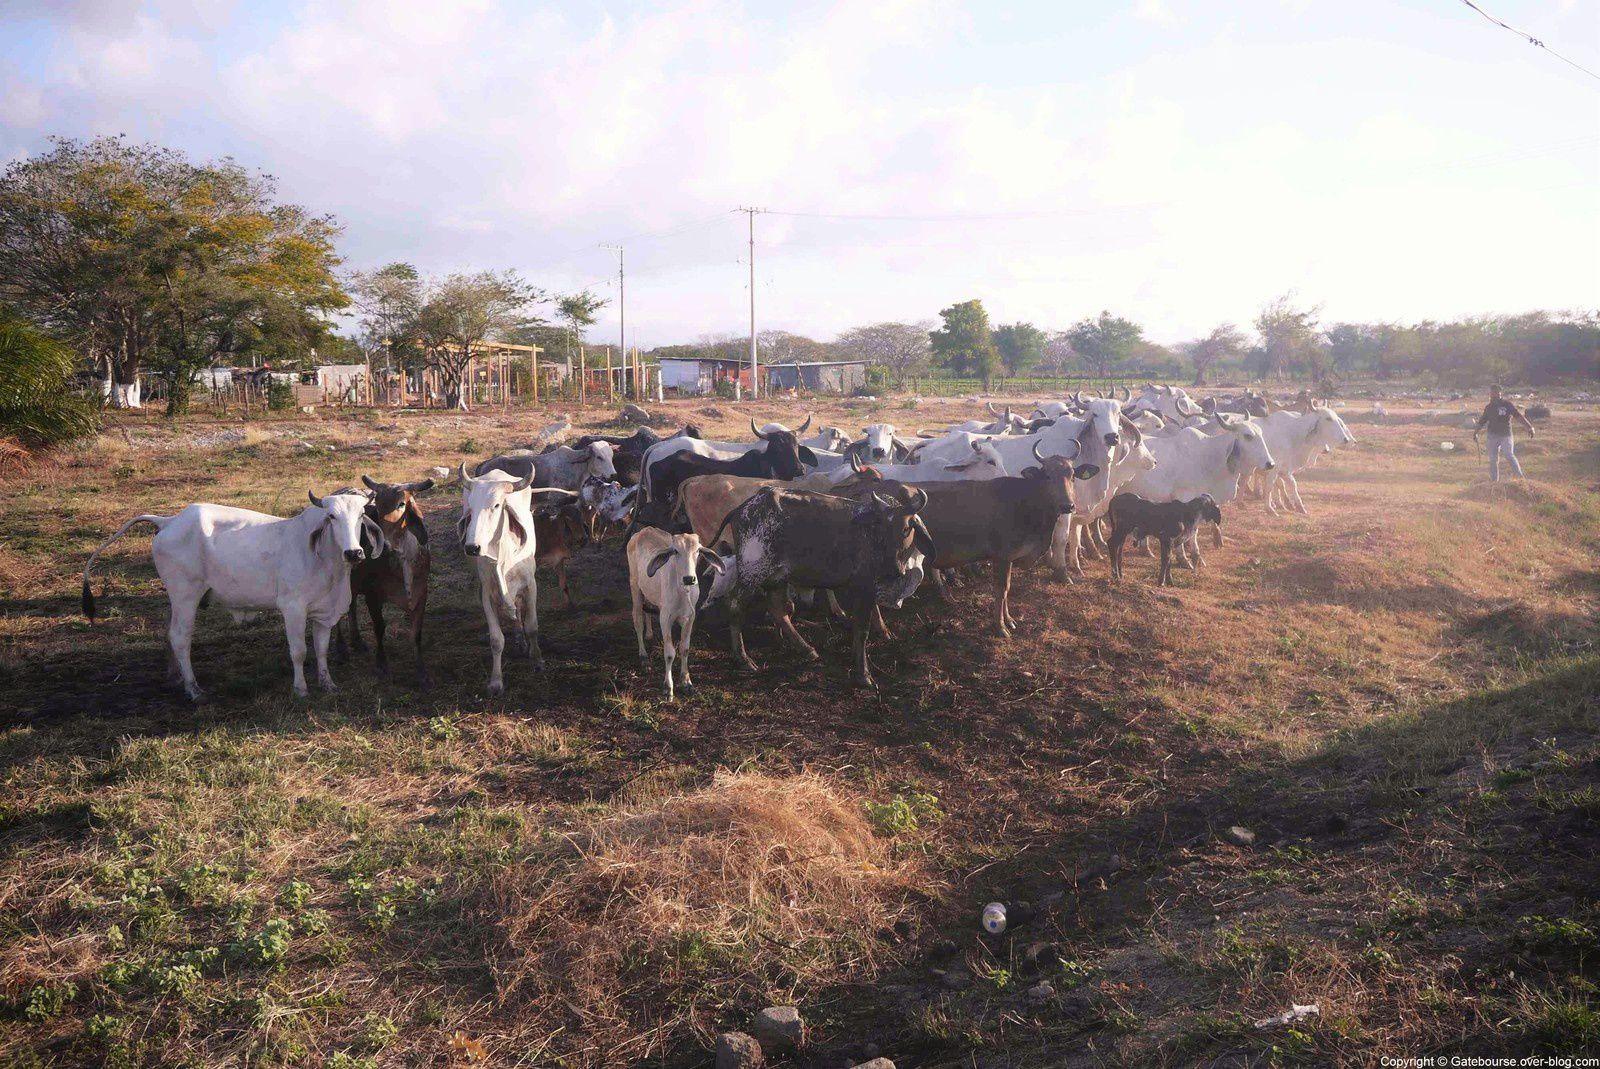 Oui il y a des vaches… avec une largeur de croupe réduite